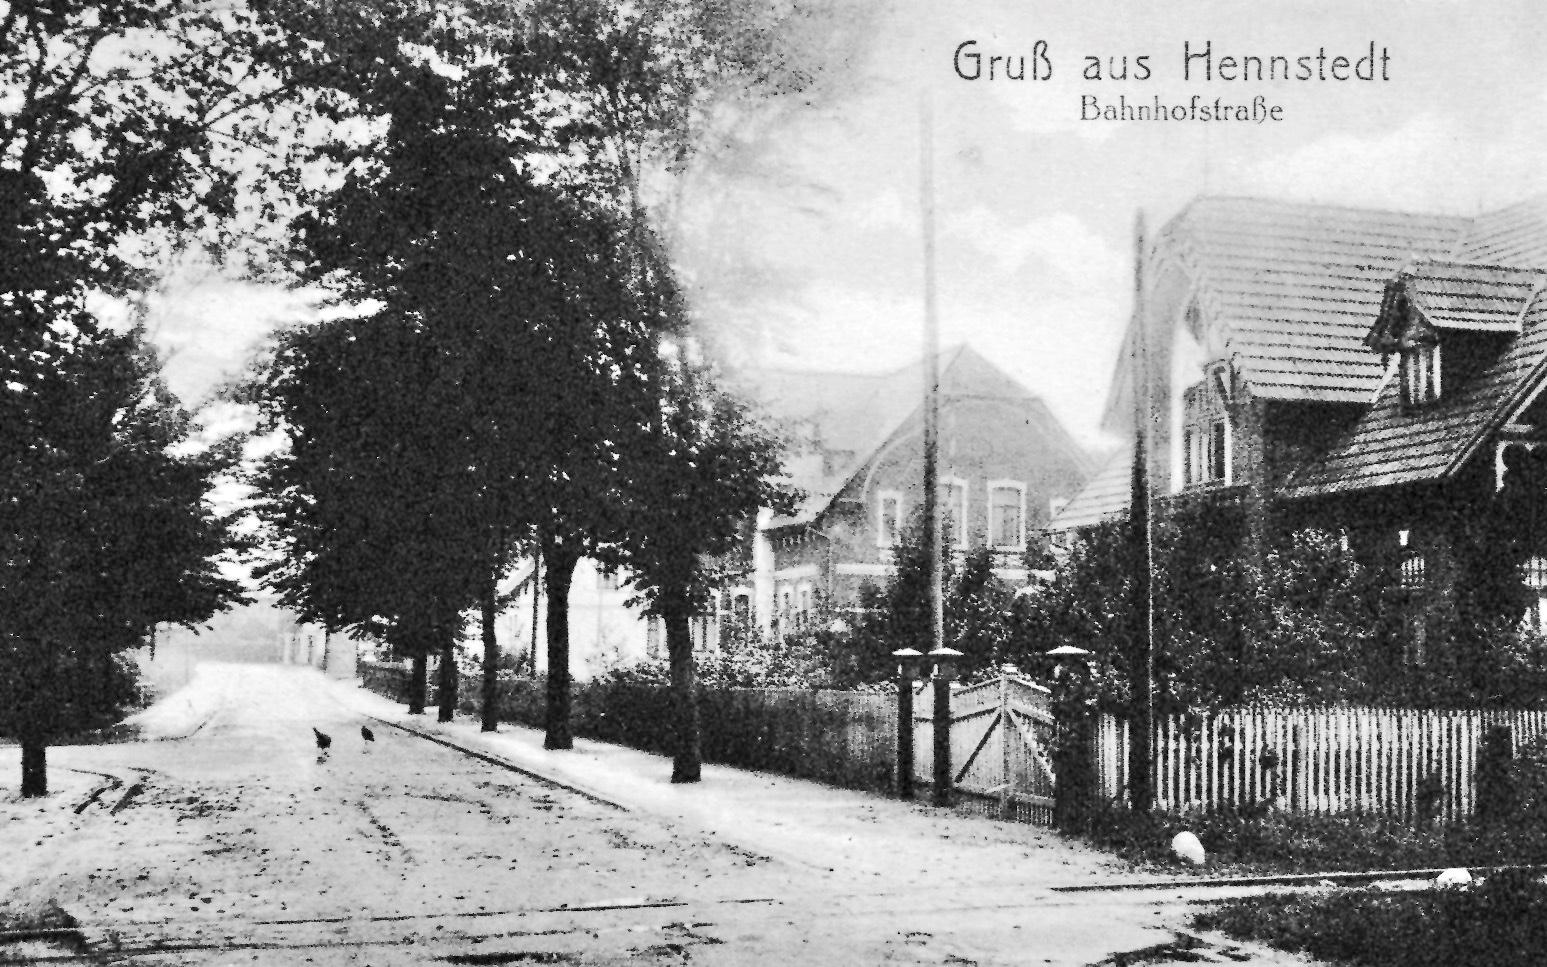 dorf_bilder/Chronik-Hennstedt-297.jpg